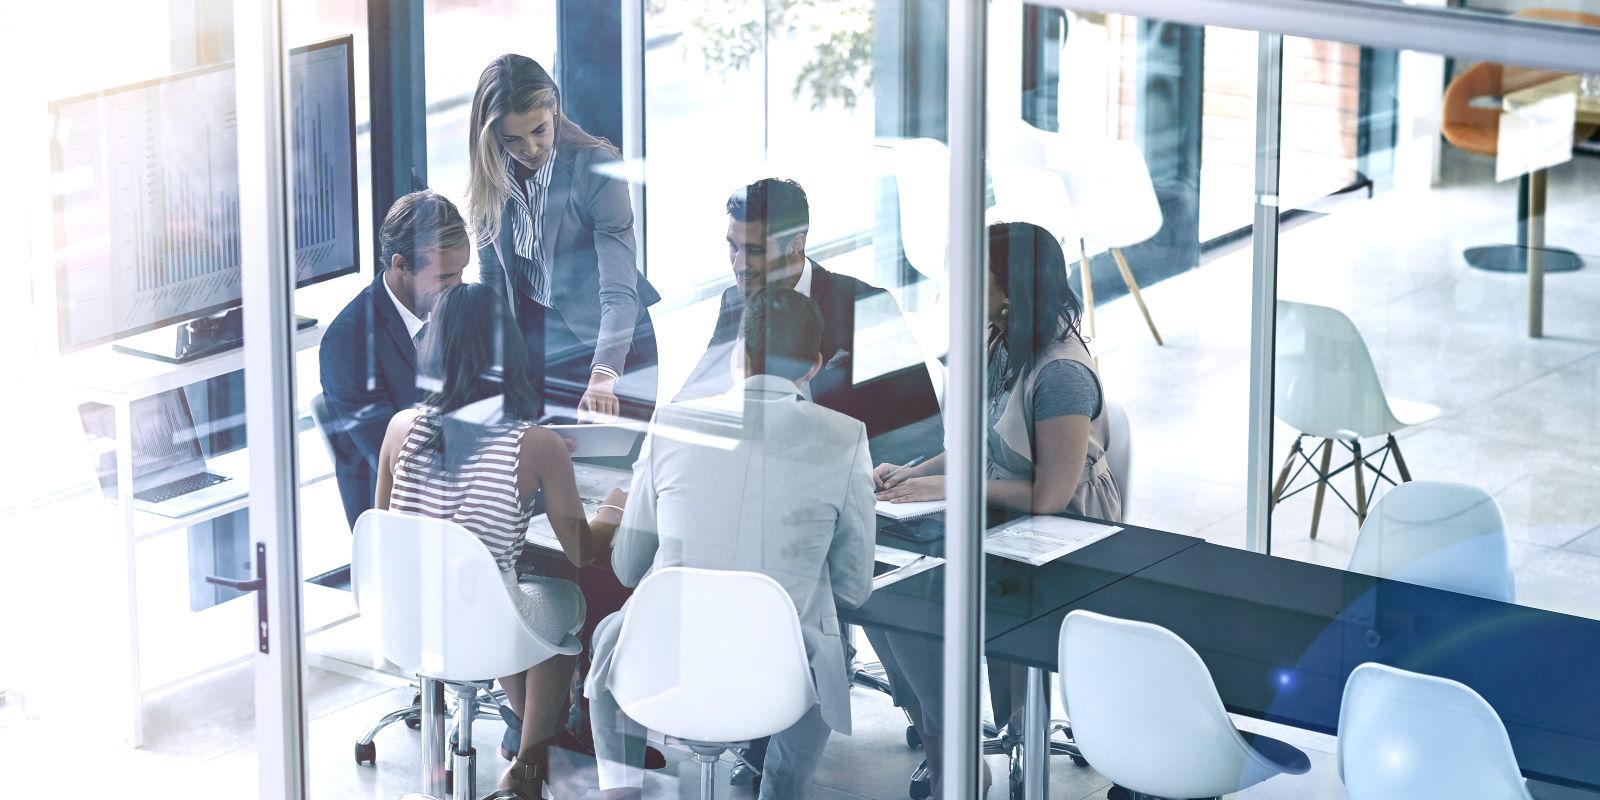 Mumme-Partner-Unternehmensberatung-Digitalagentur-Slider-01